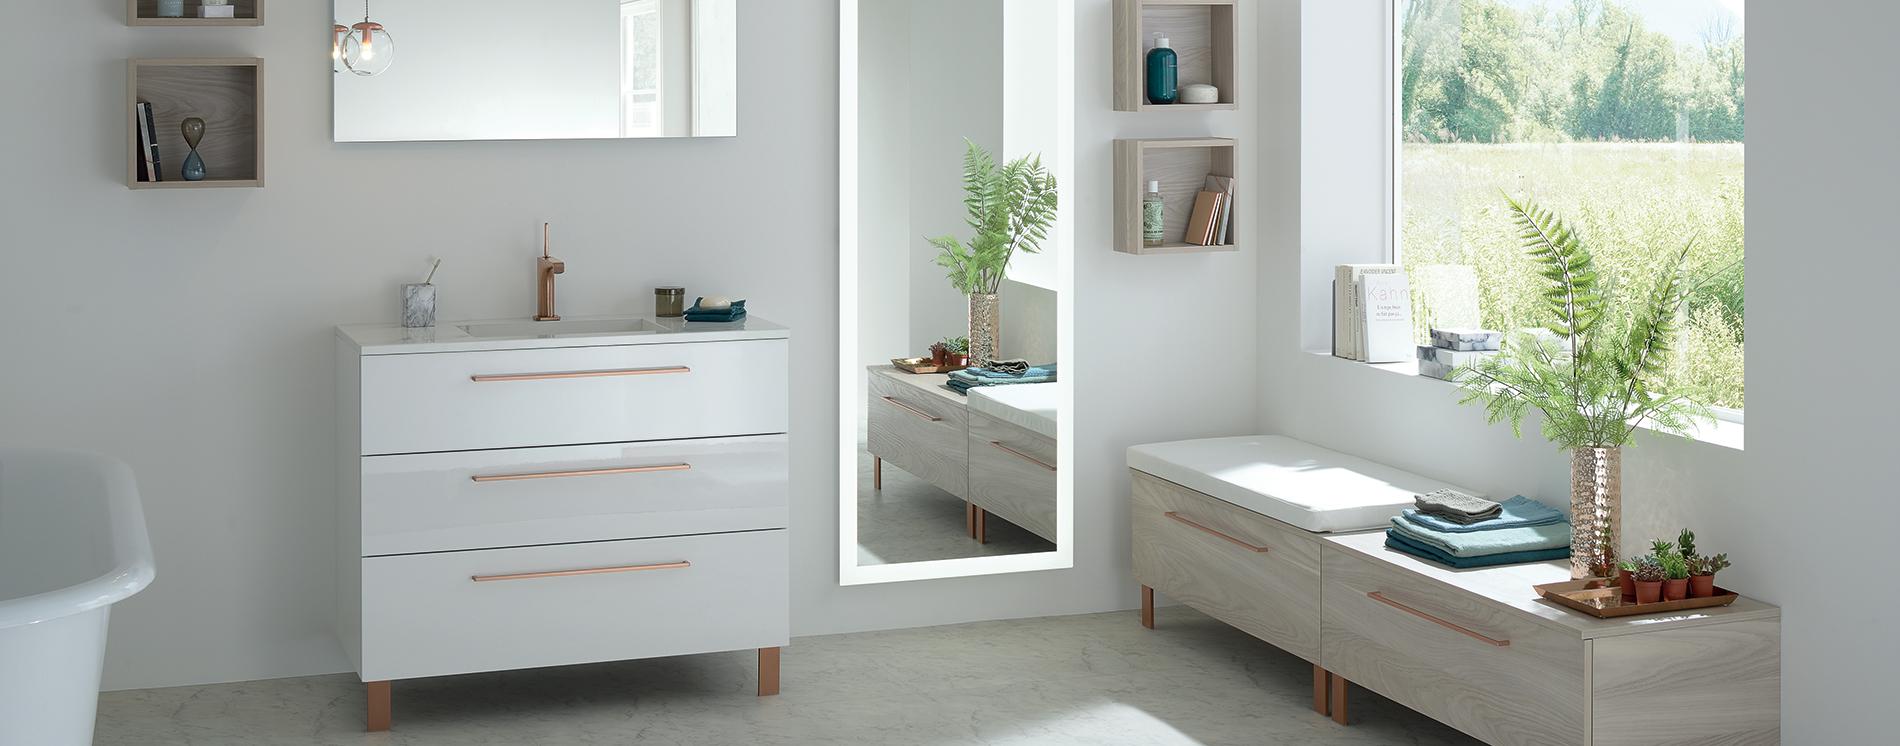 Al onze gamma 39 s voor de badkamer sanijura for Brossette salle de bain